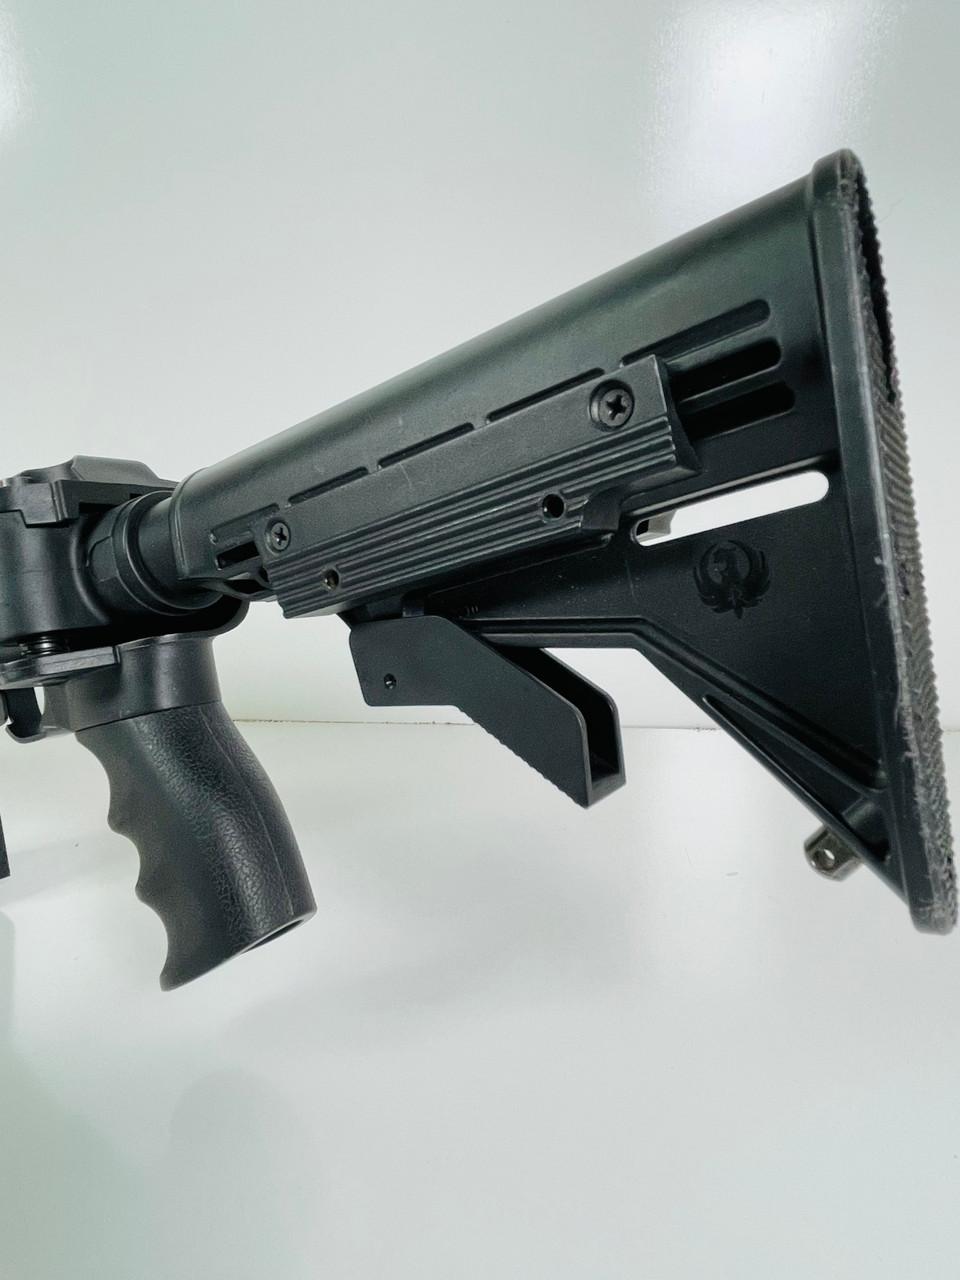 Ruger Mini-14 Tactical/LE Model